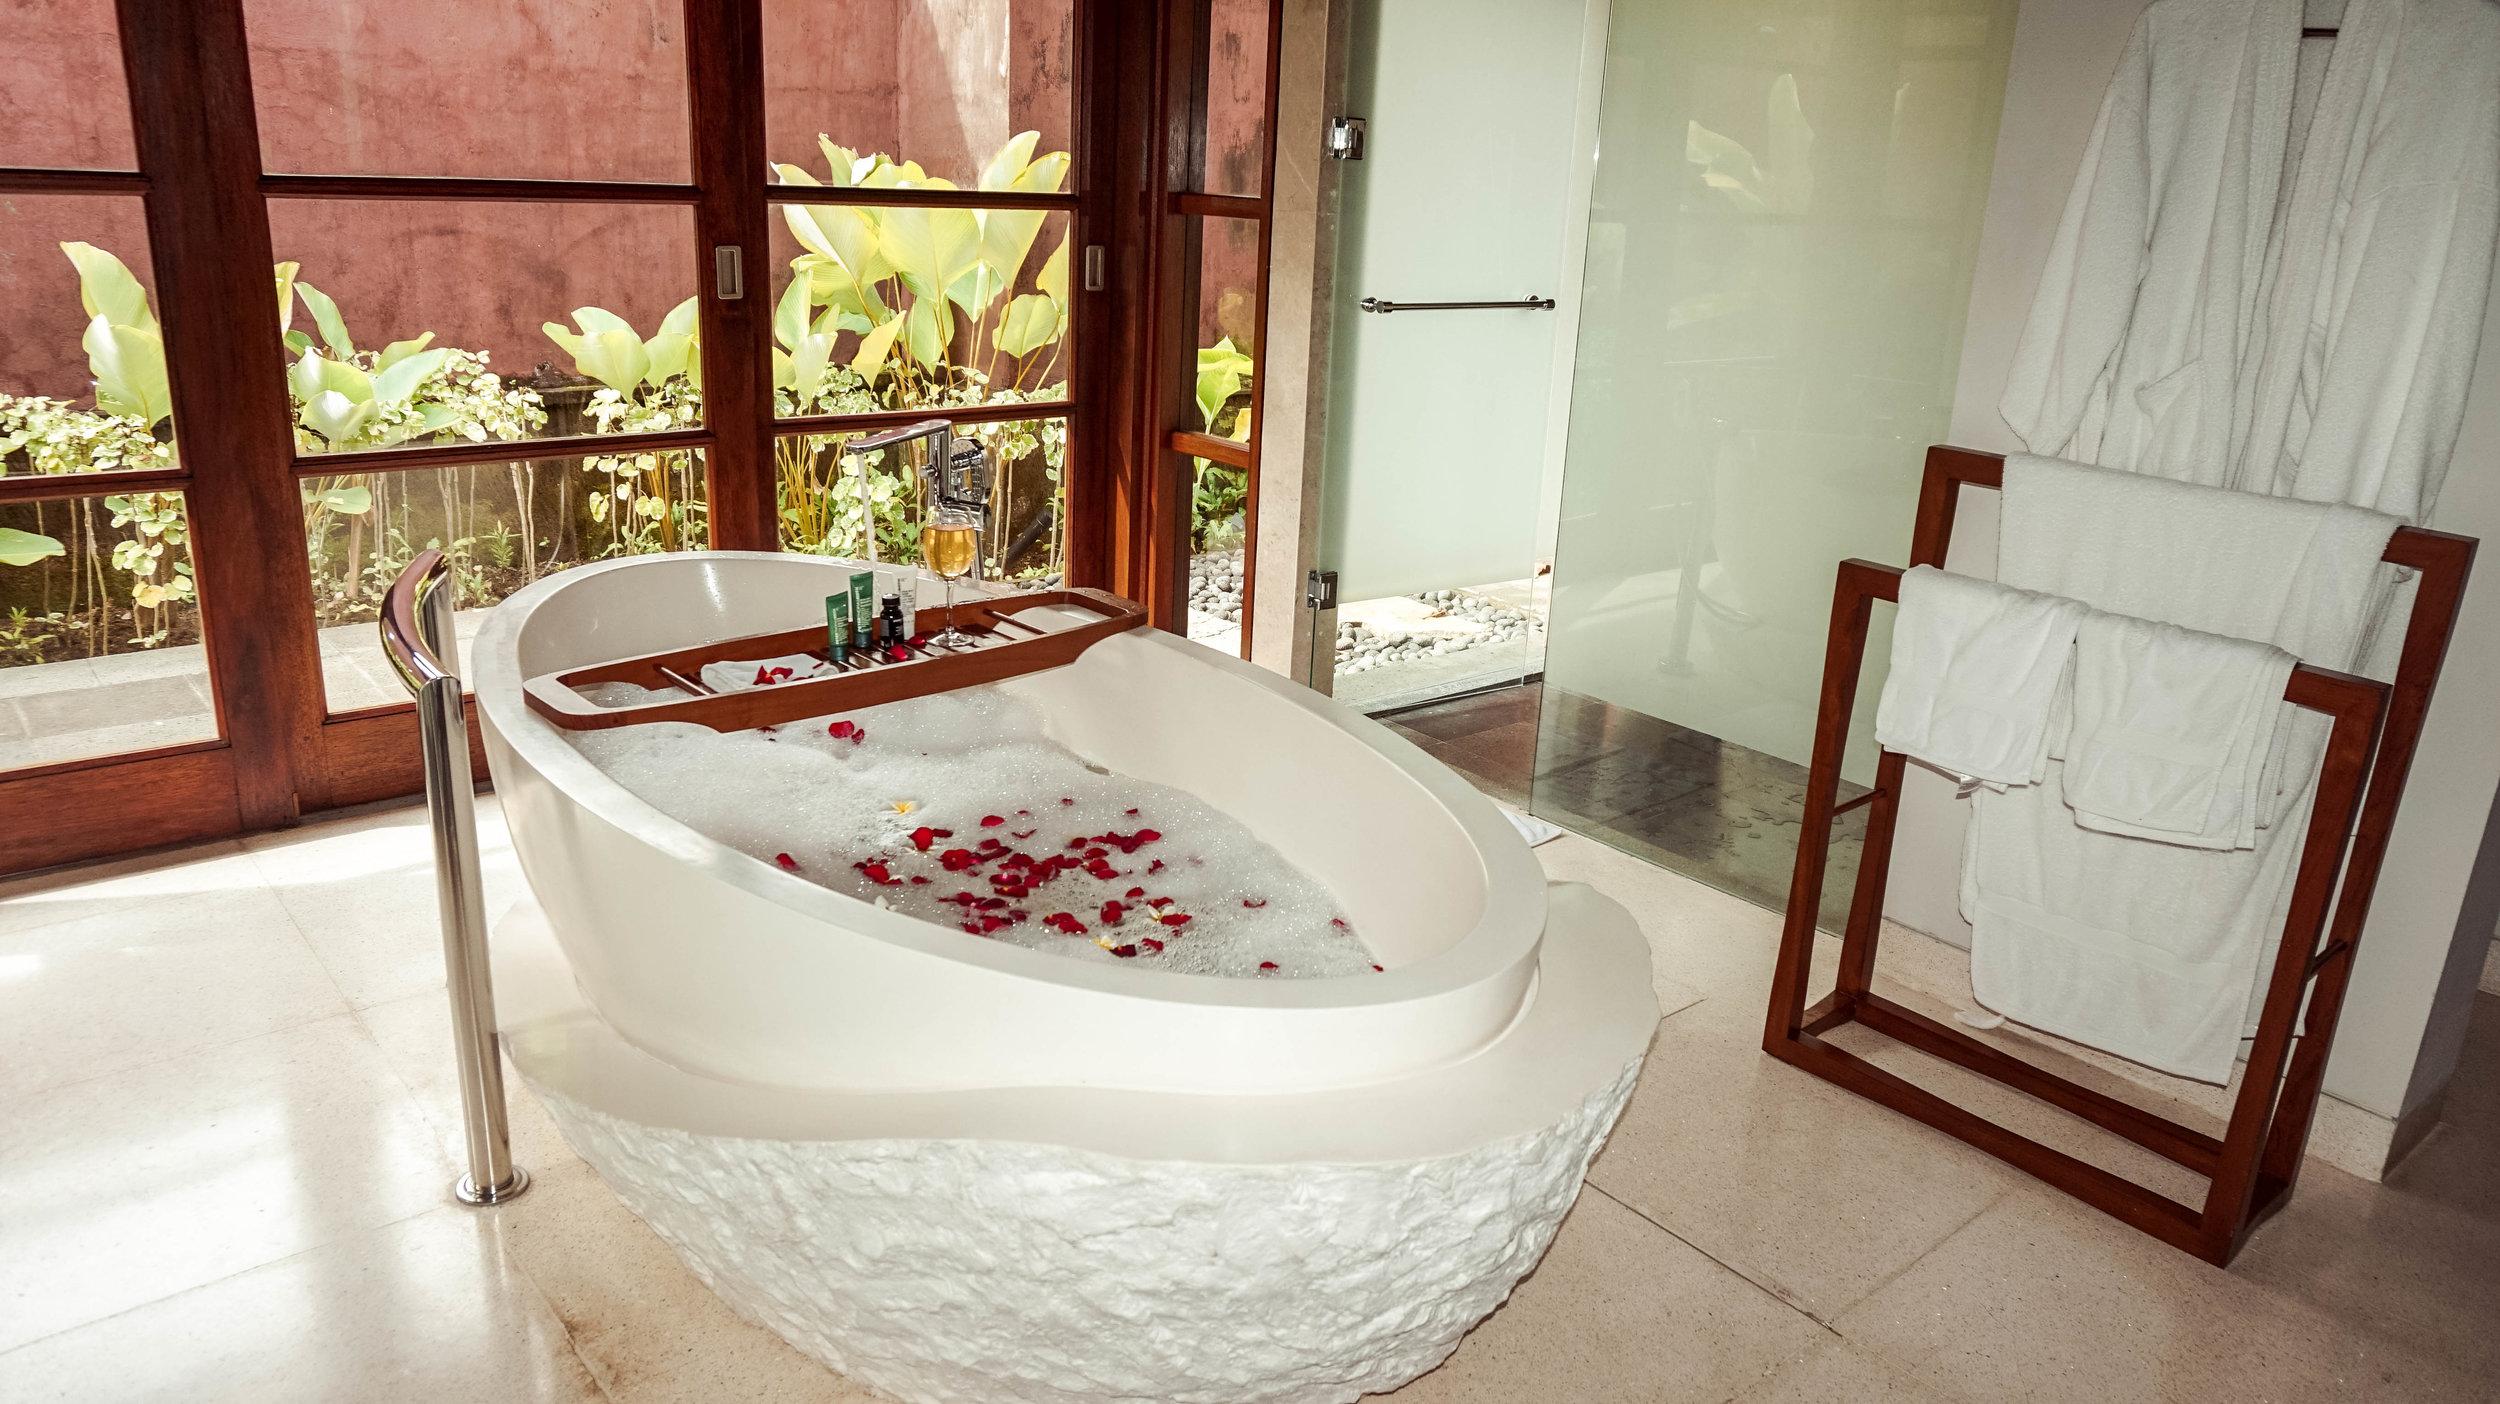 Hilton-bali-resort-1bedroom-villaspa.jpg